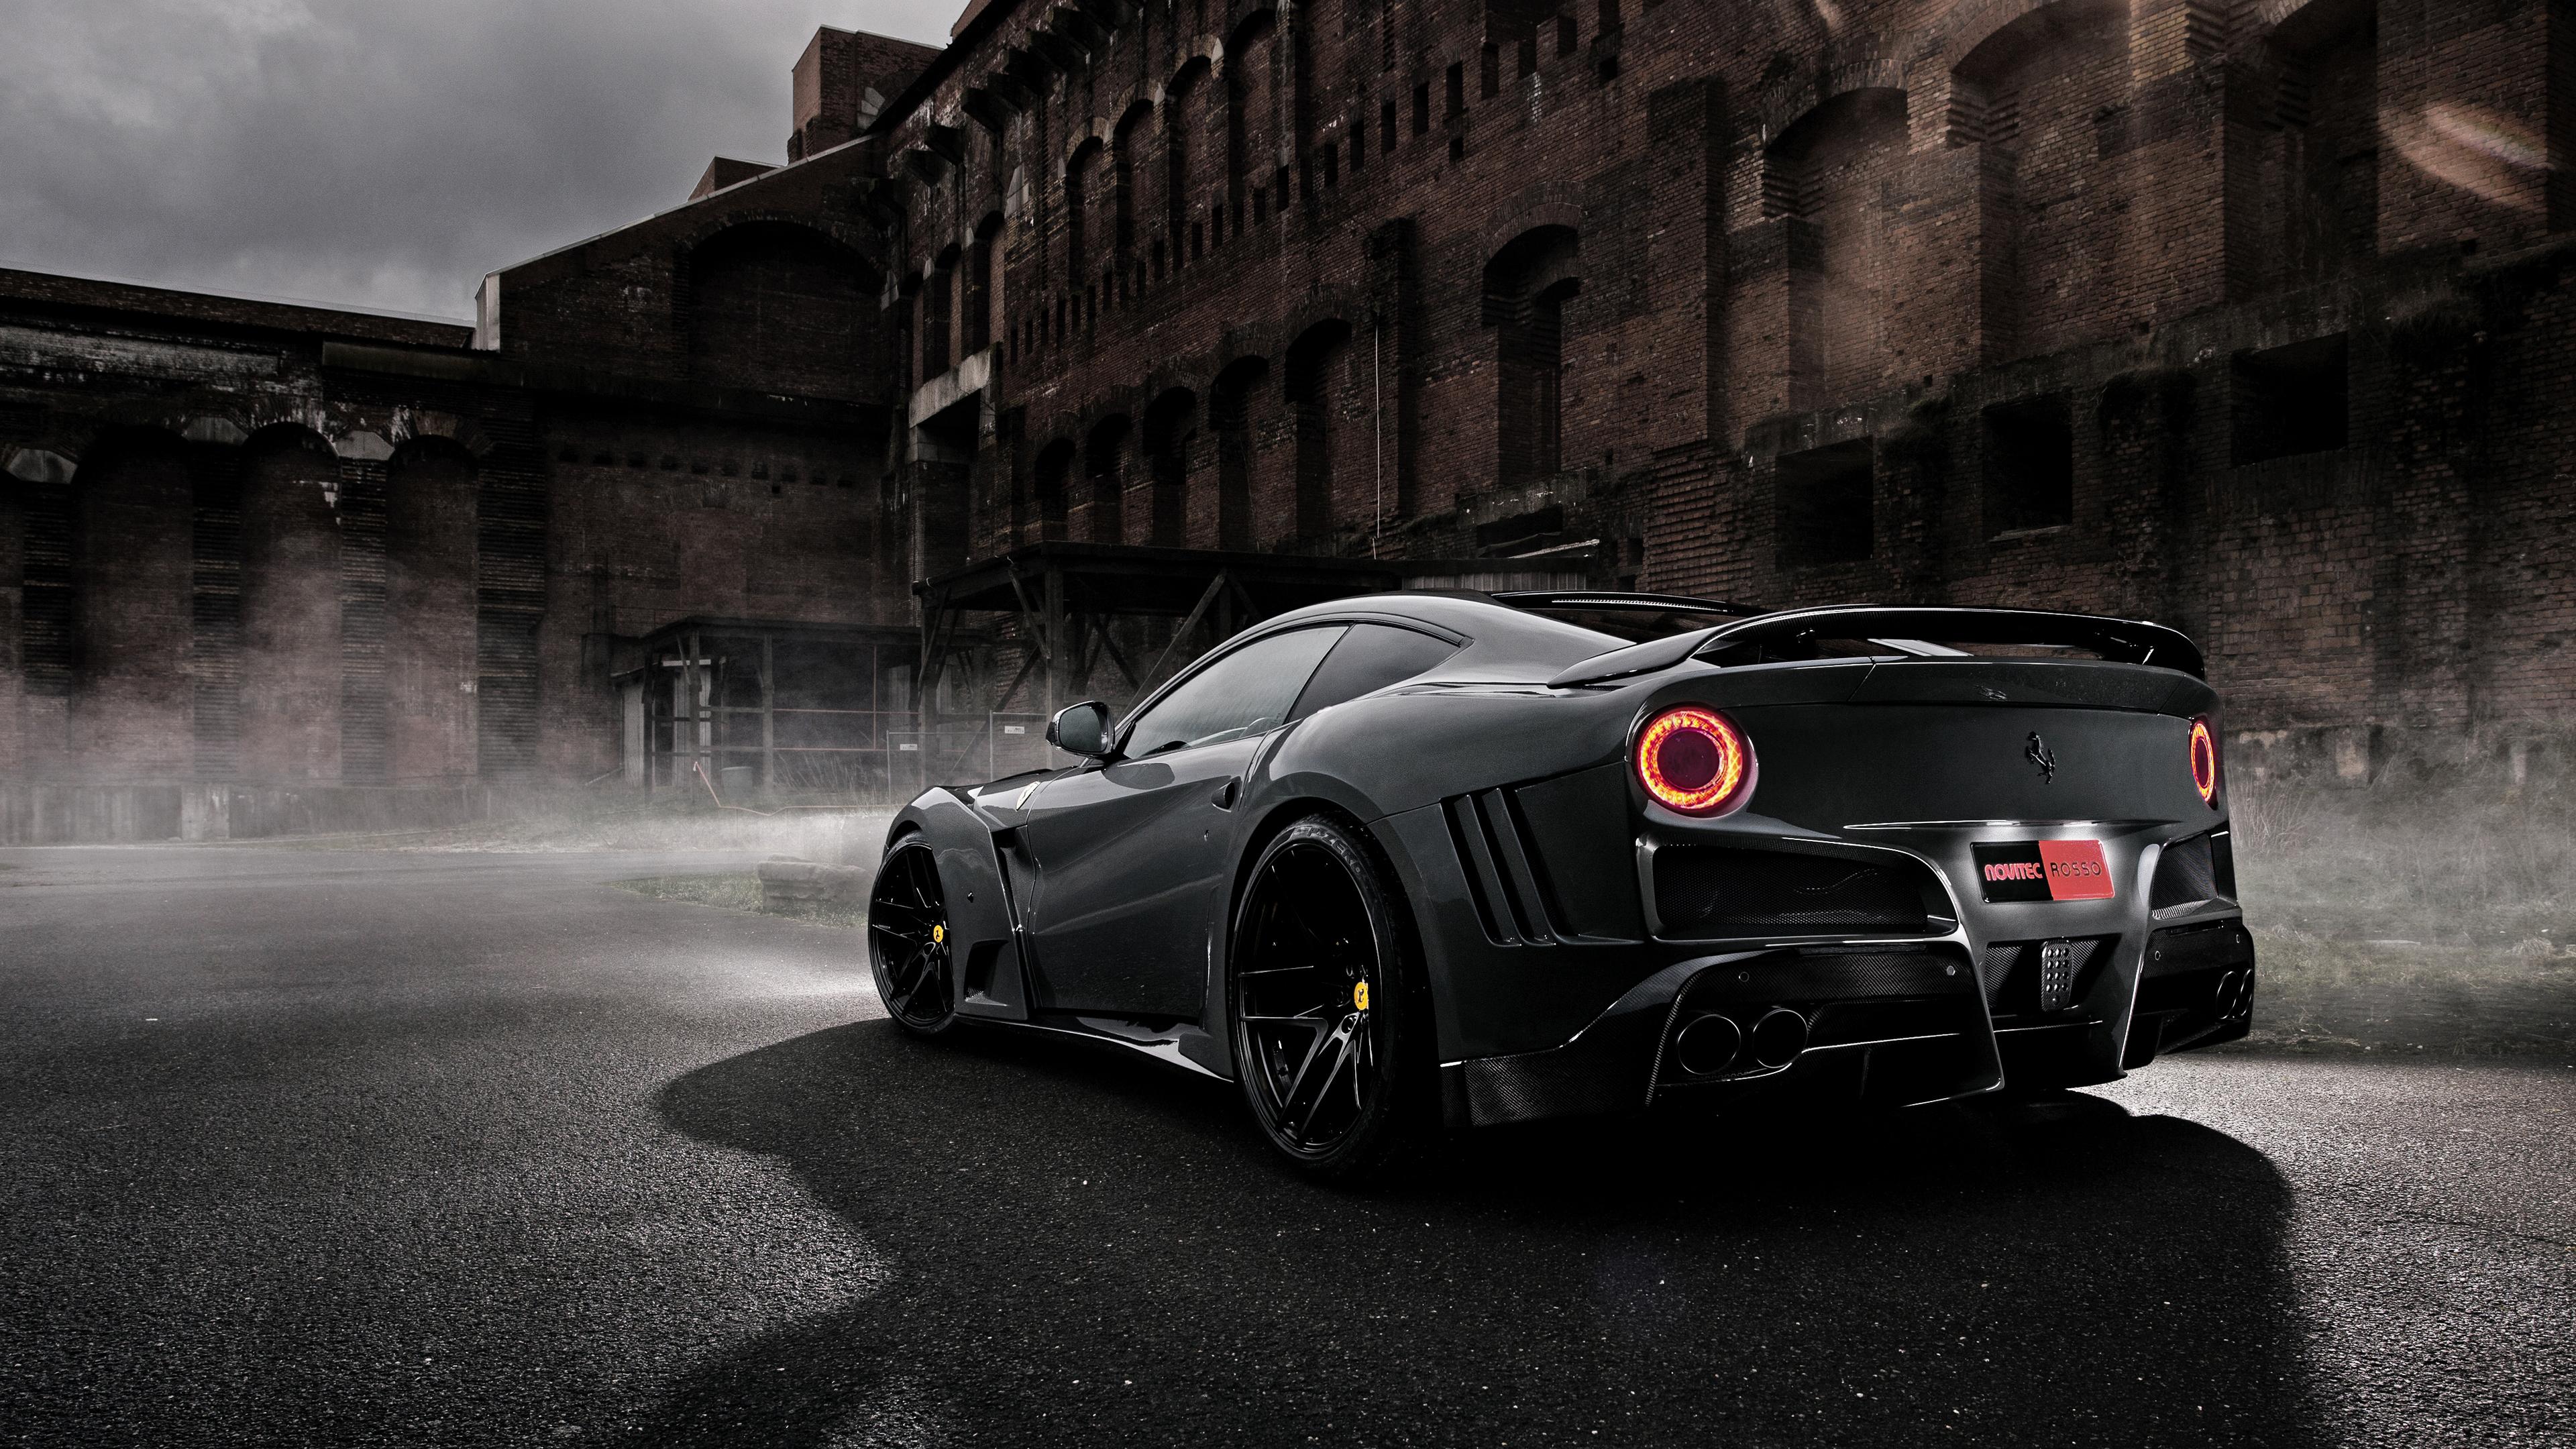 Серый блестящий автомобиль